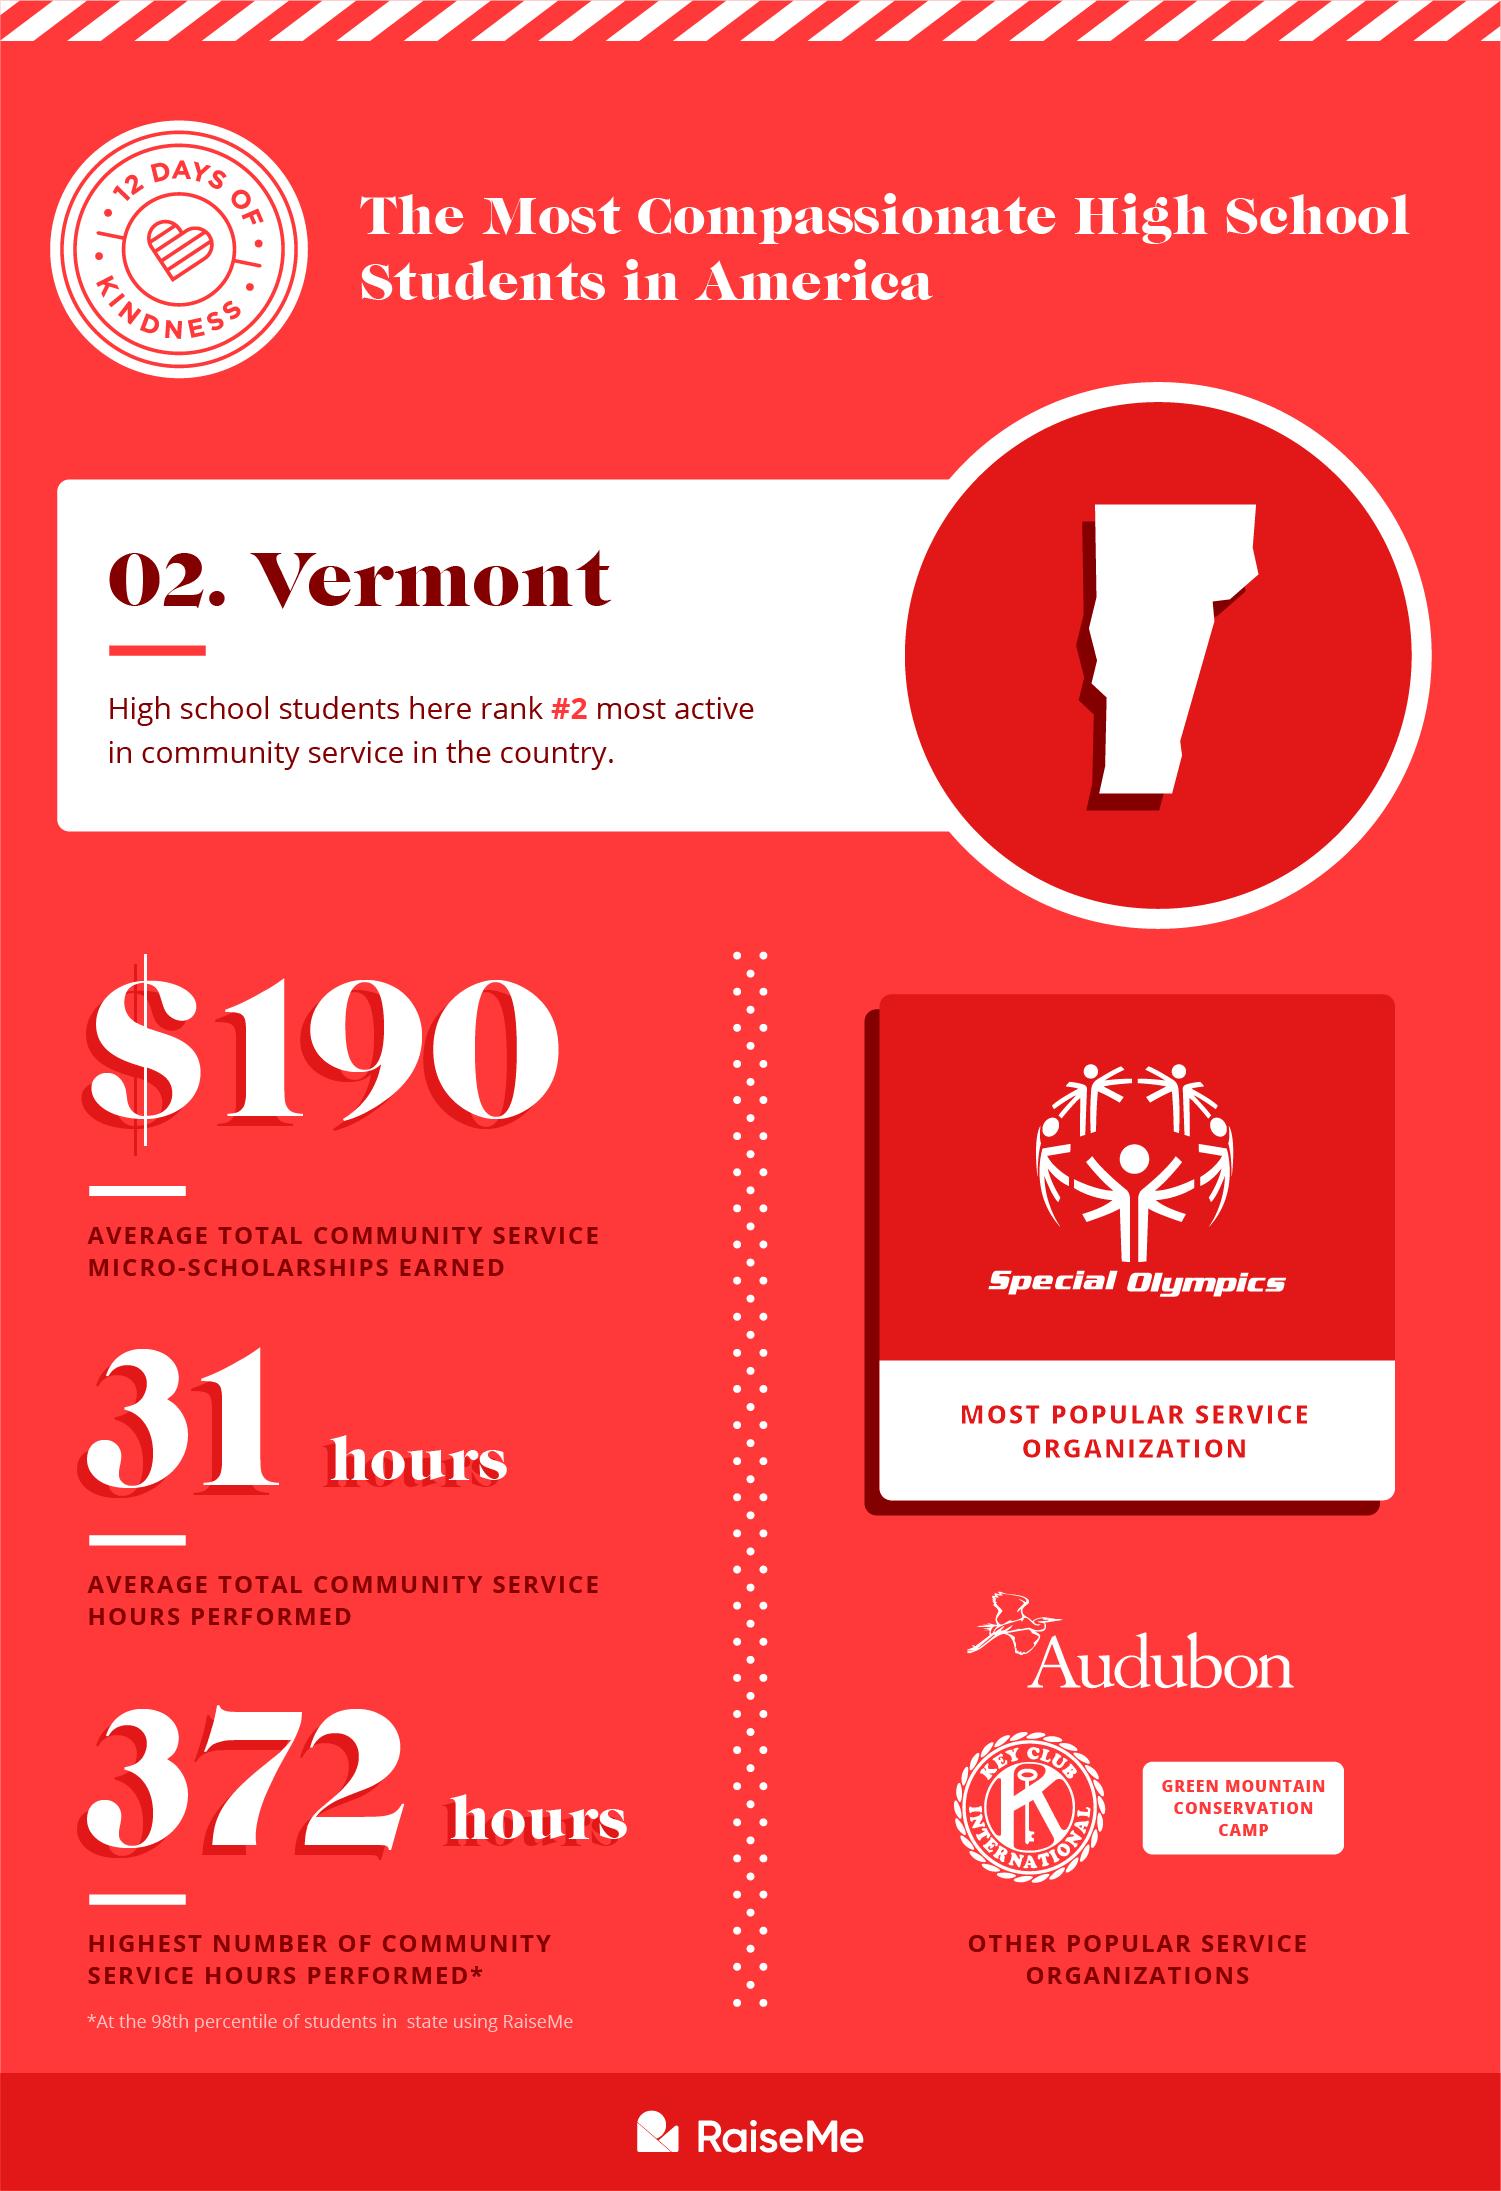 #2 Vermont